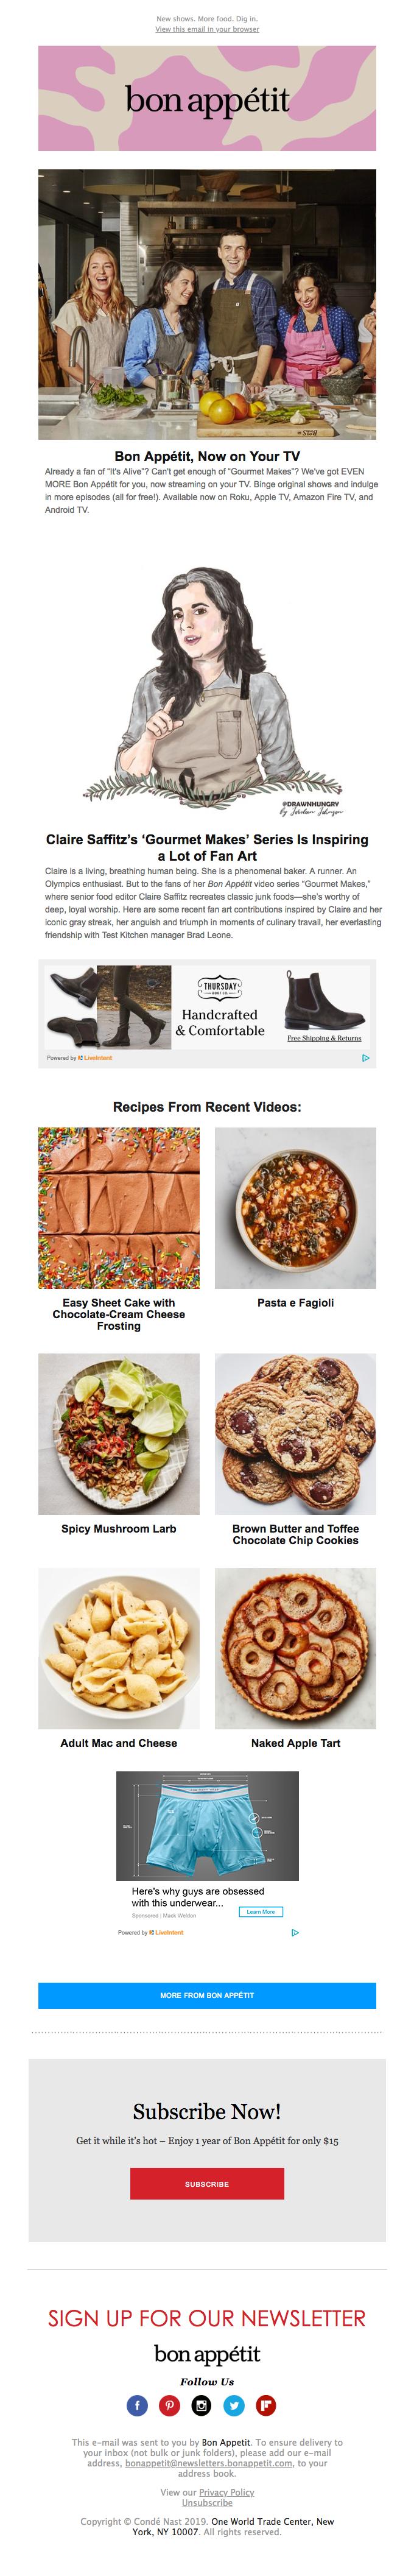 Bon Appétit Is Now On Your TV!